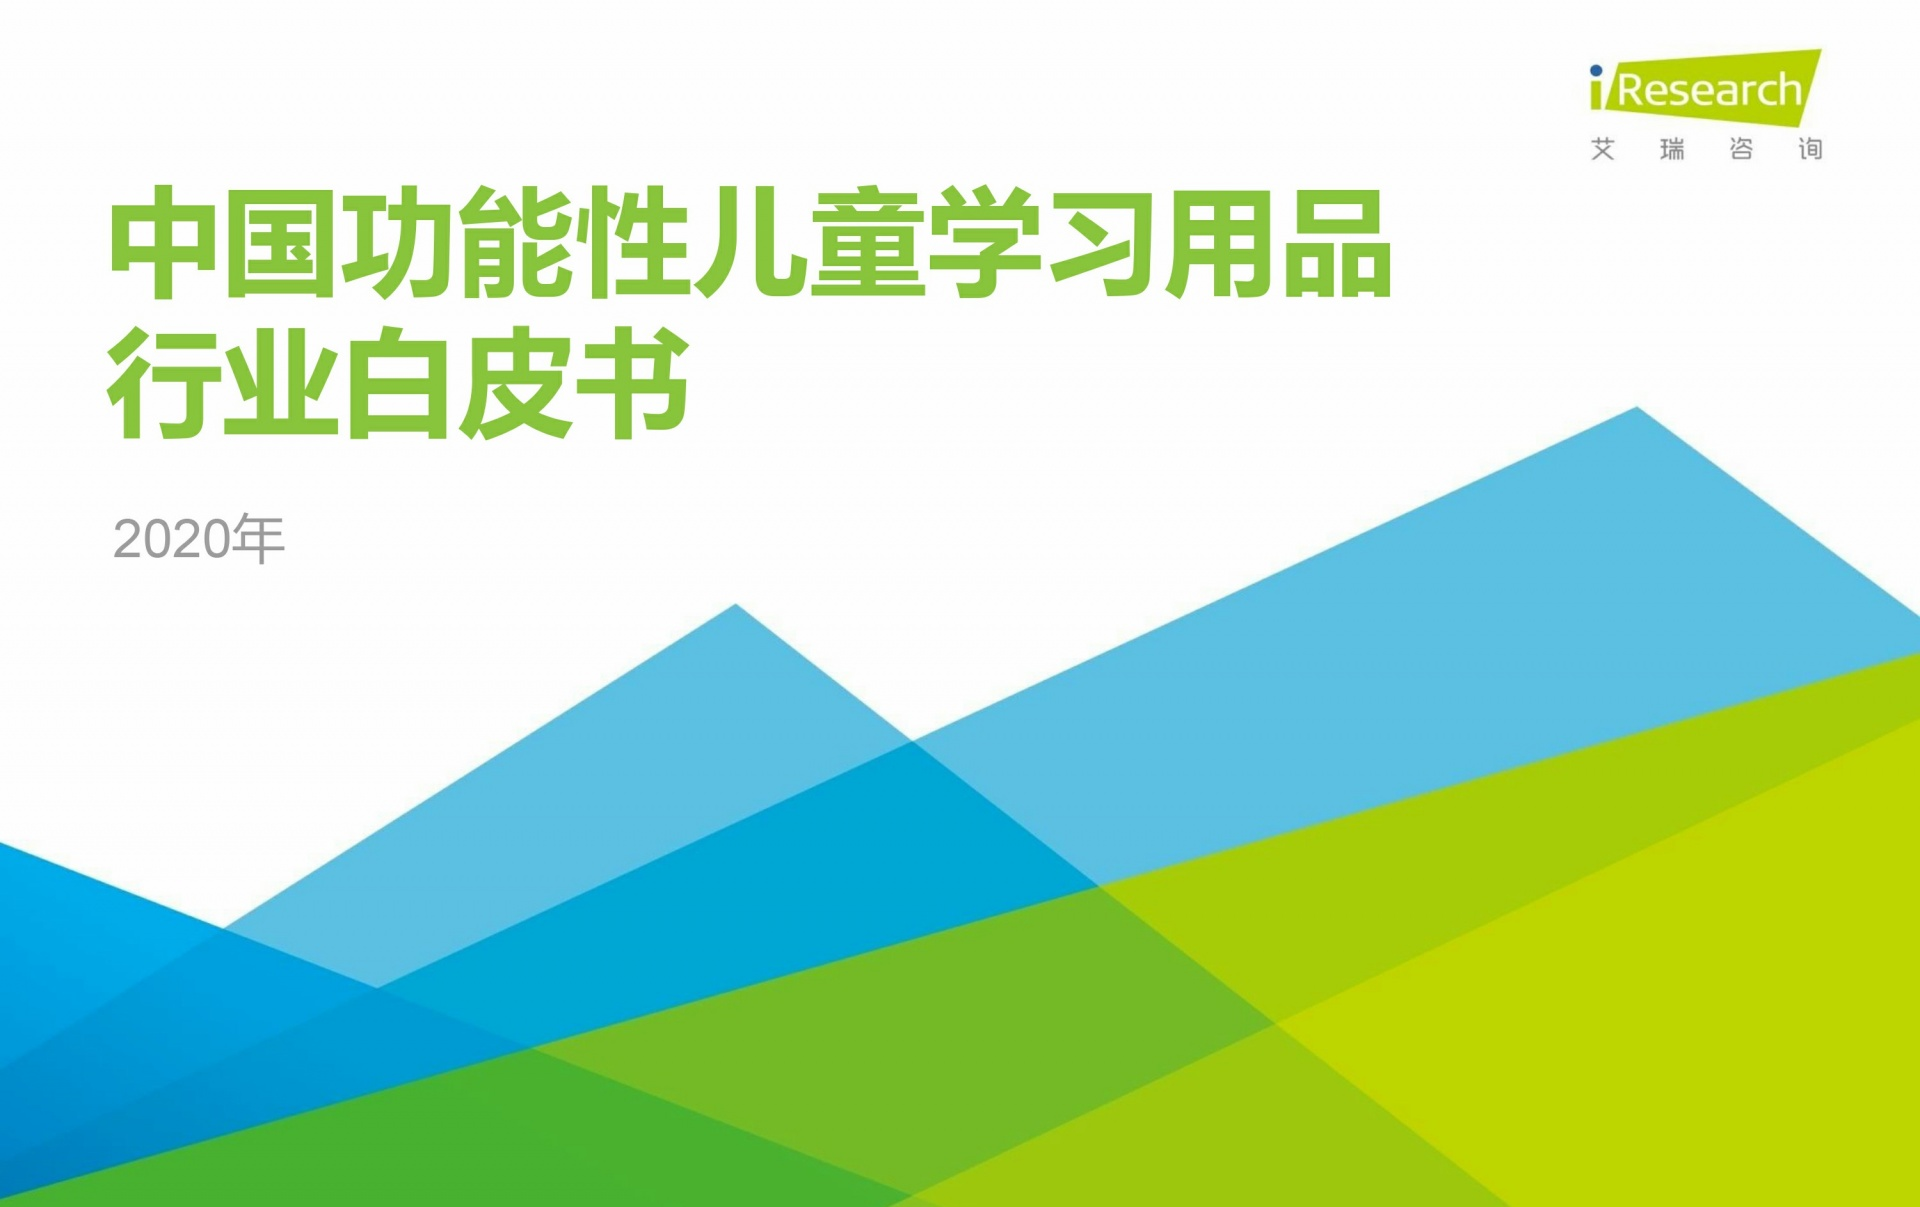 艾瑞:中国功能性儿童学习用品白皮书,护童学习桌多项行业第一